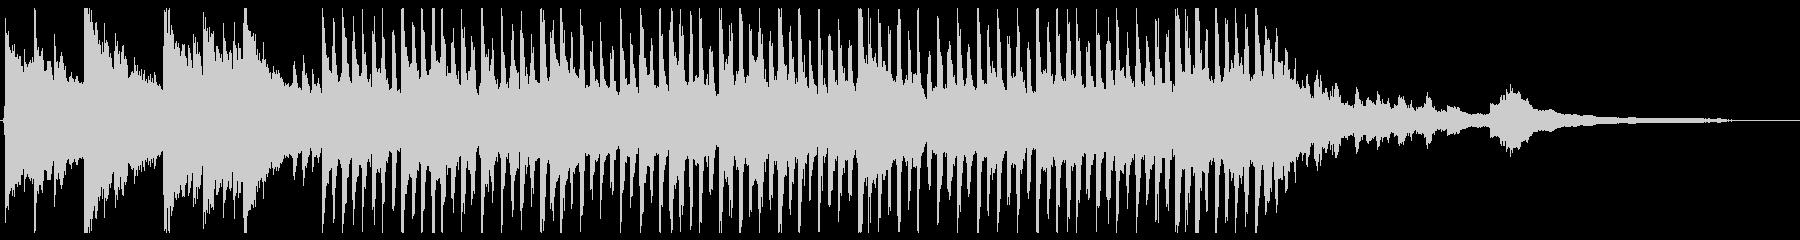 明るいクリーンなコーポレート1_50秒の未再生の波形